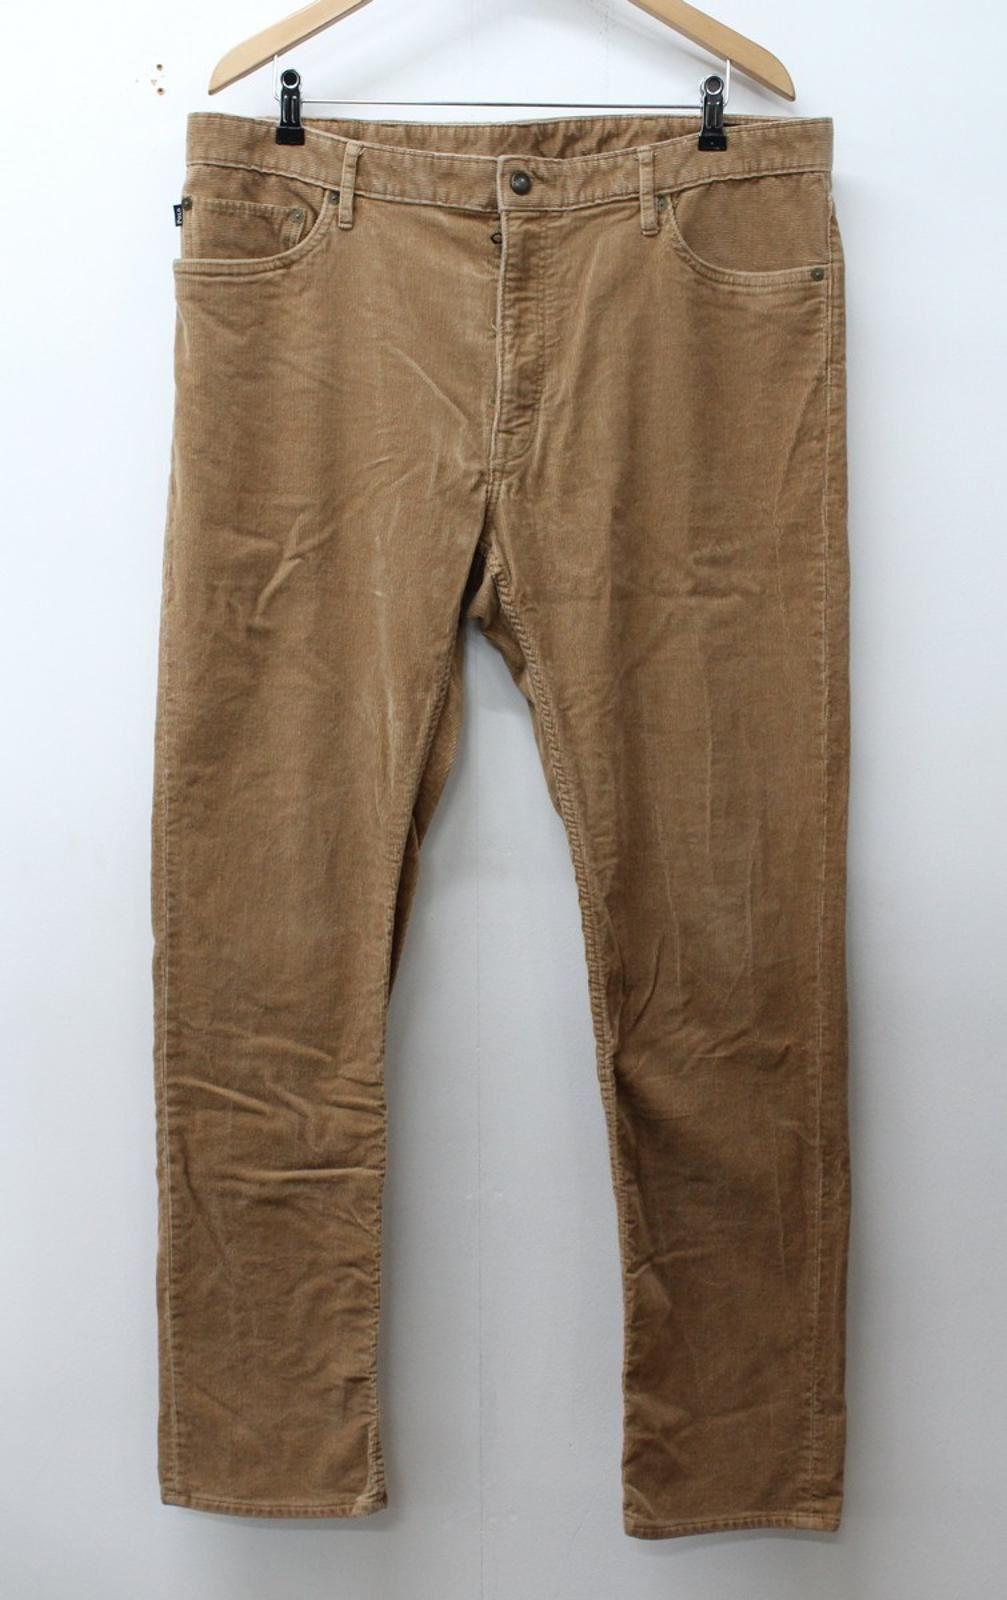 Polo-by-Ralph-Lauren-Herren-Braun-Baumwollmischung-Slim-Fit-Cord-Hose-w38-l32